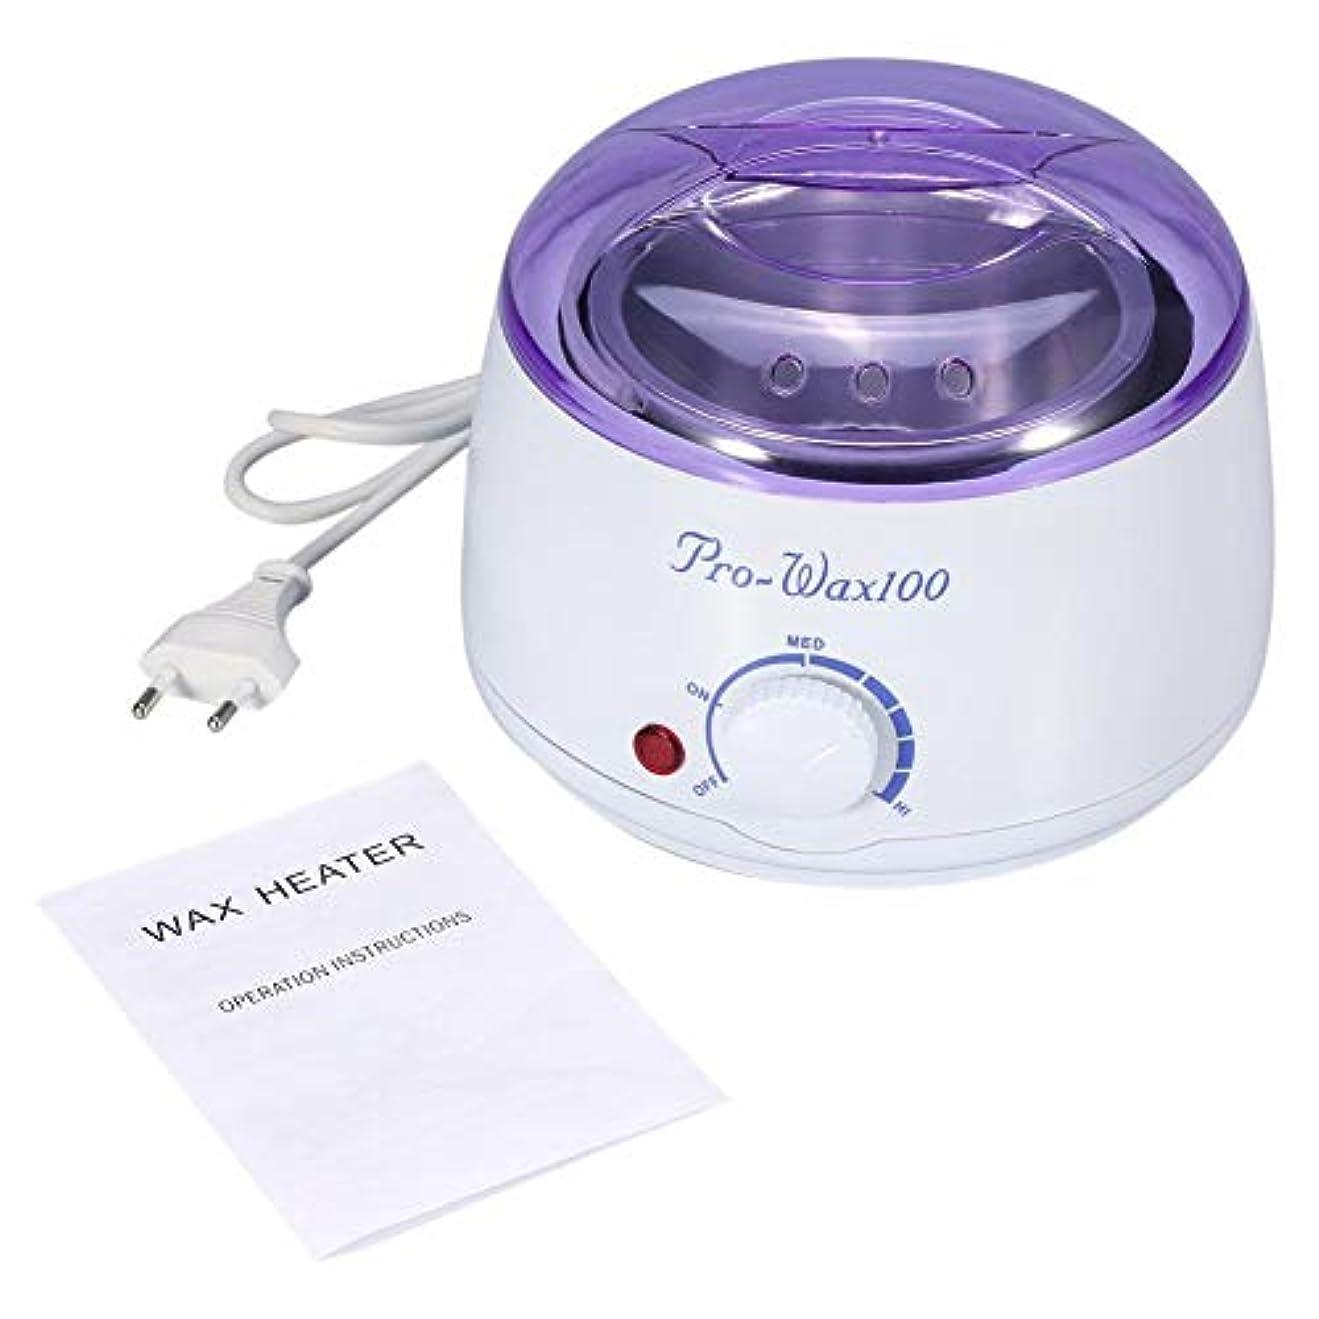 印刷する財政状況ワックスマシン、500mlワックスヒーター、調節可能な温度ノブおよびオートオフ機能付き、あらゆるタイプのワックス用のプロフェッショナルホットワックスマシン、美しさと脱毛(米国)